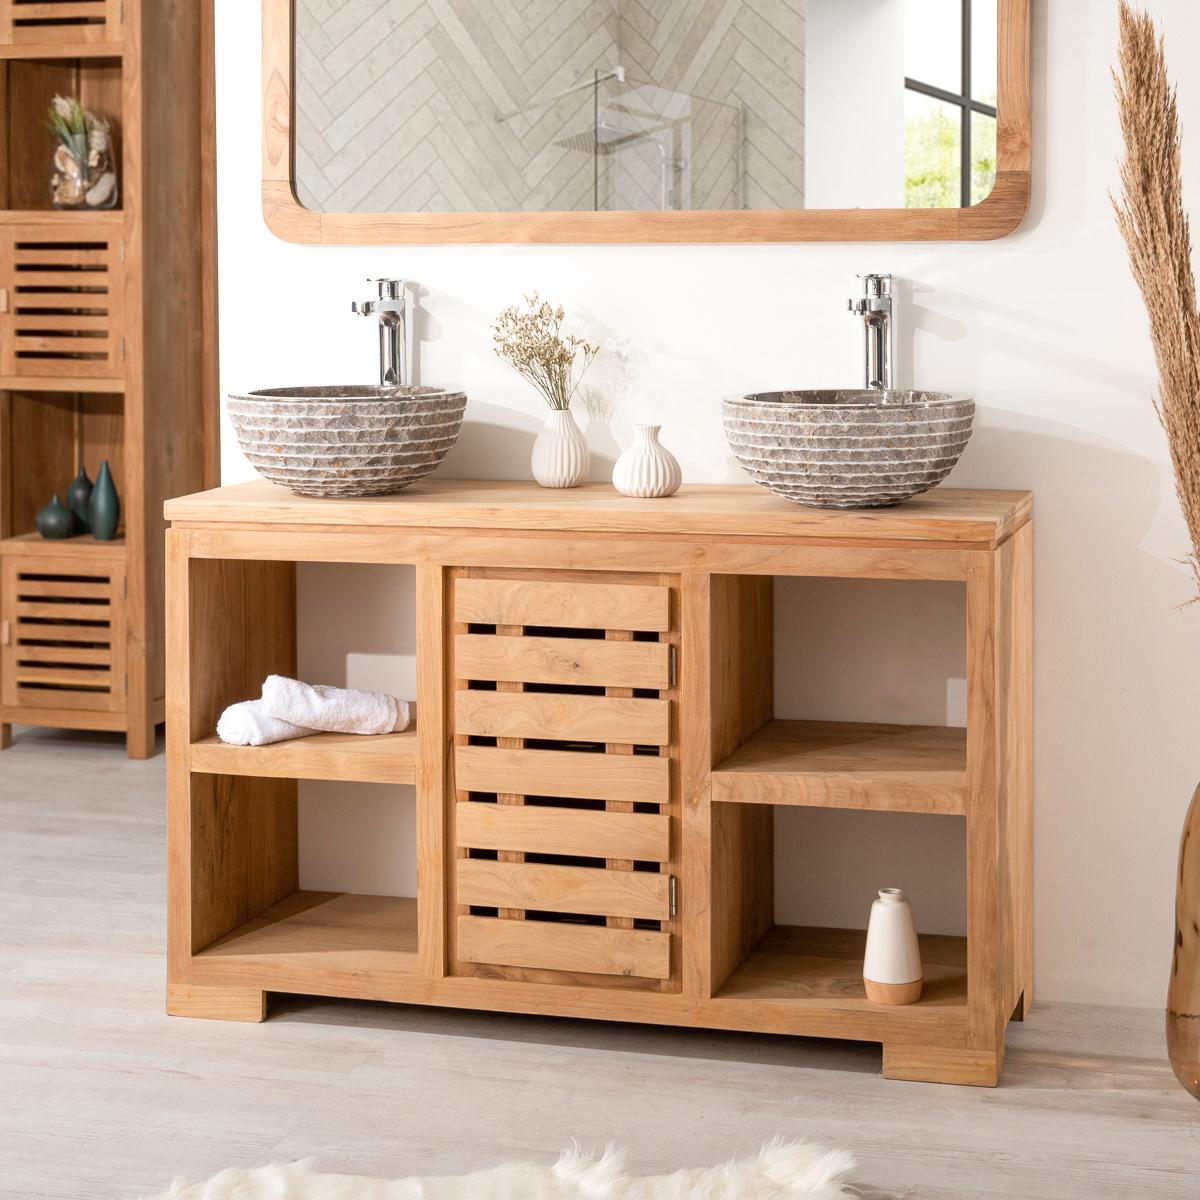 Meuble sous vasque double vasque en bois teck massif nature rectangle - Meuble salle de bain 120 cm ...